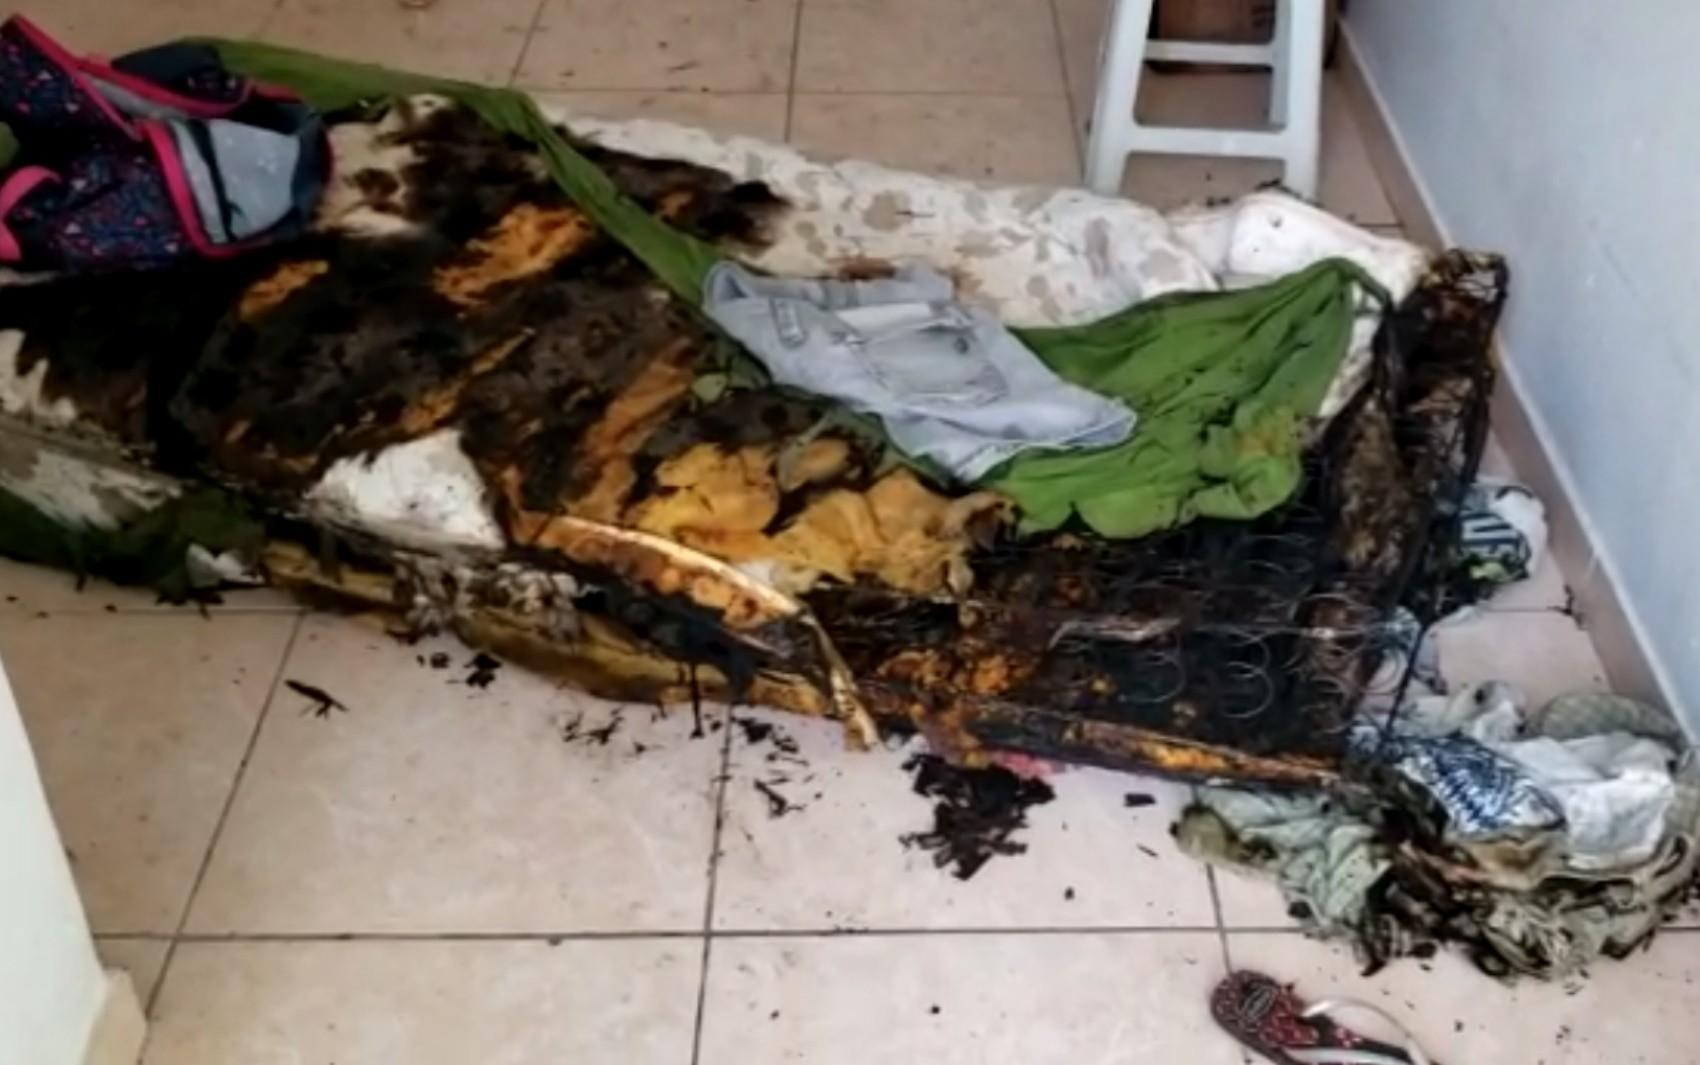 Mulher tem 60% do corpo queimado por companheira durante briga por ciúmes, diz polícia